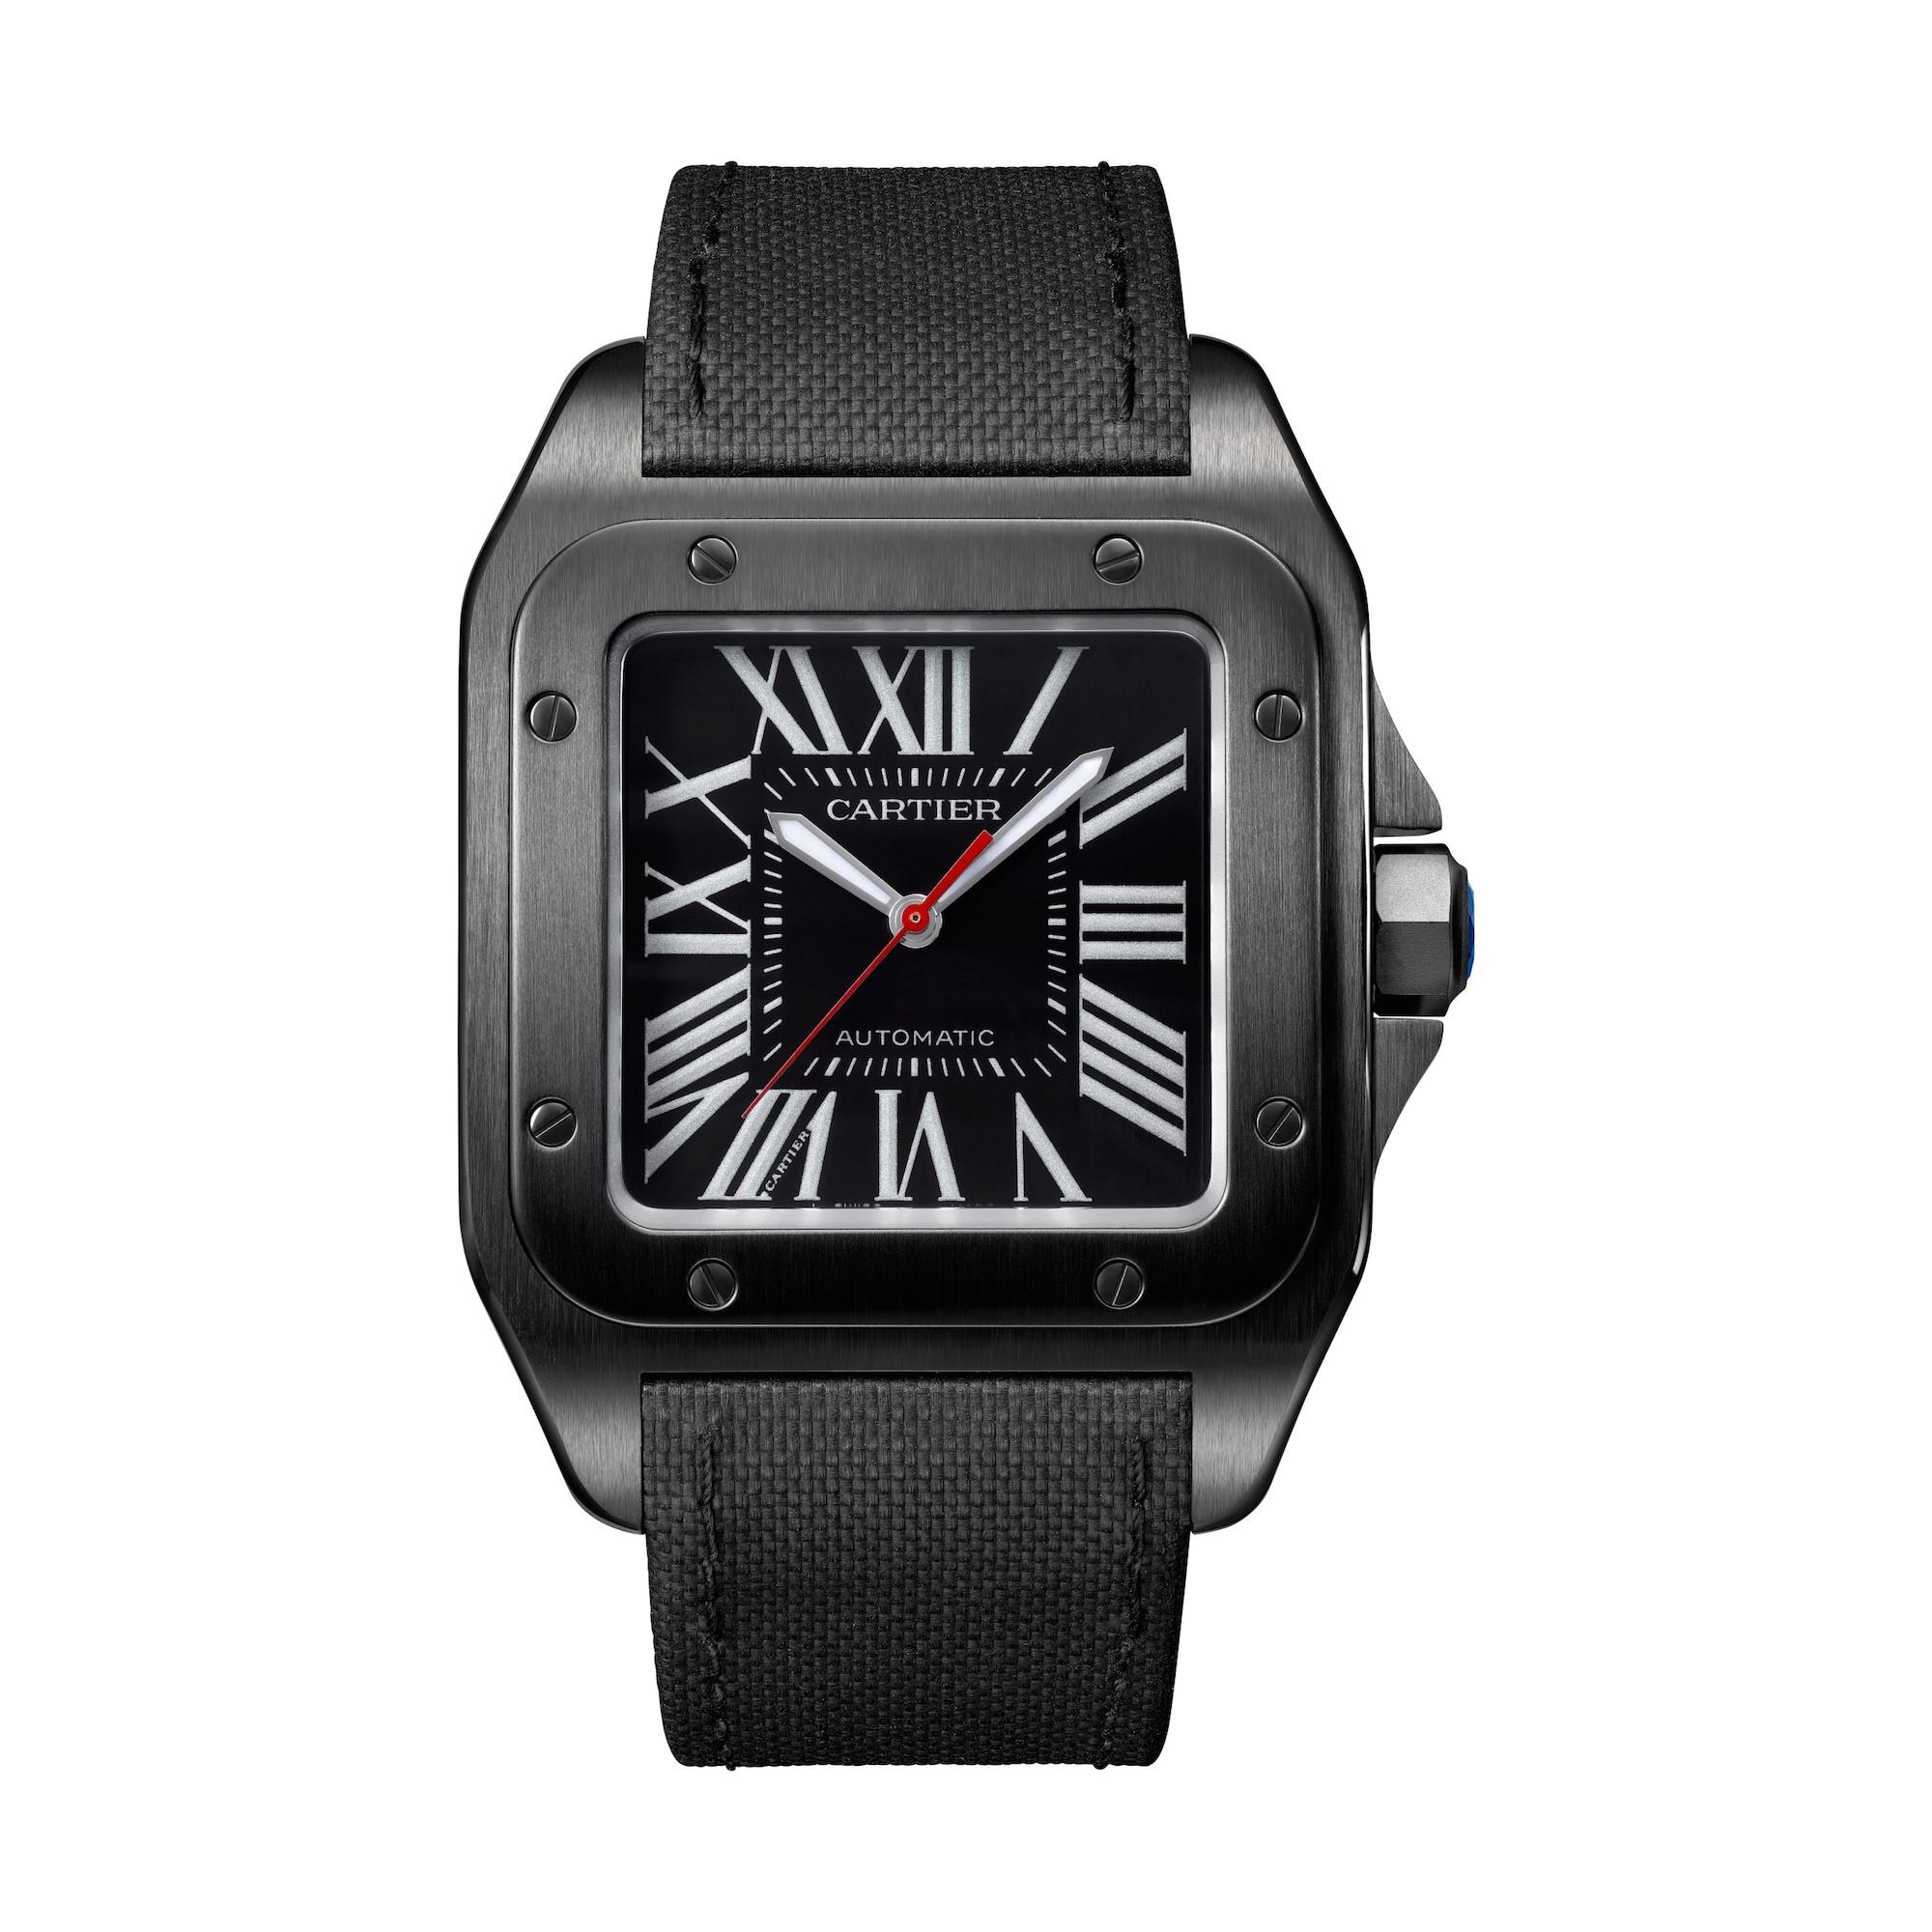 Die Santos 100 aus der Black Icons Serie von Cartier wurde auf dem SIHH 2016 vorgestellt. Preis: ca. 7.300 Euro